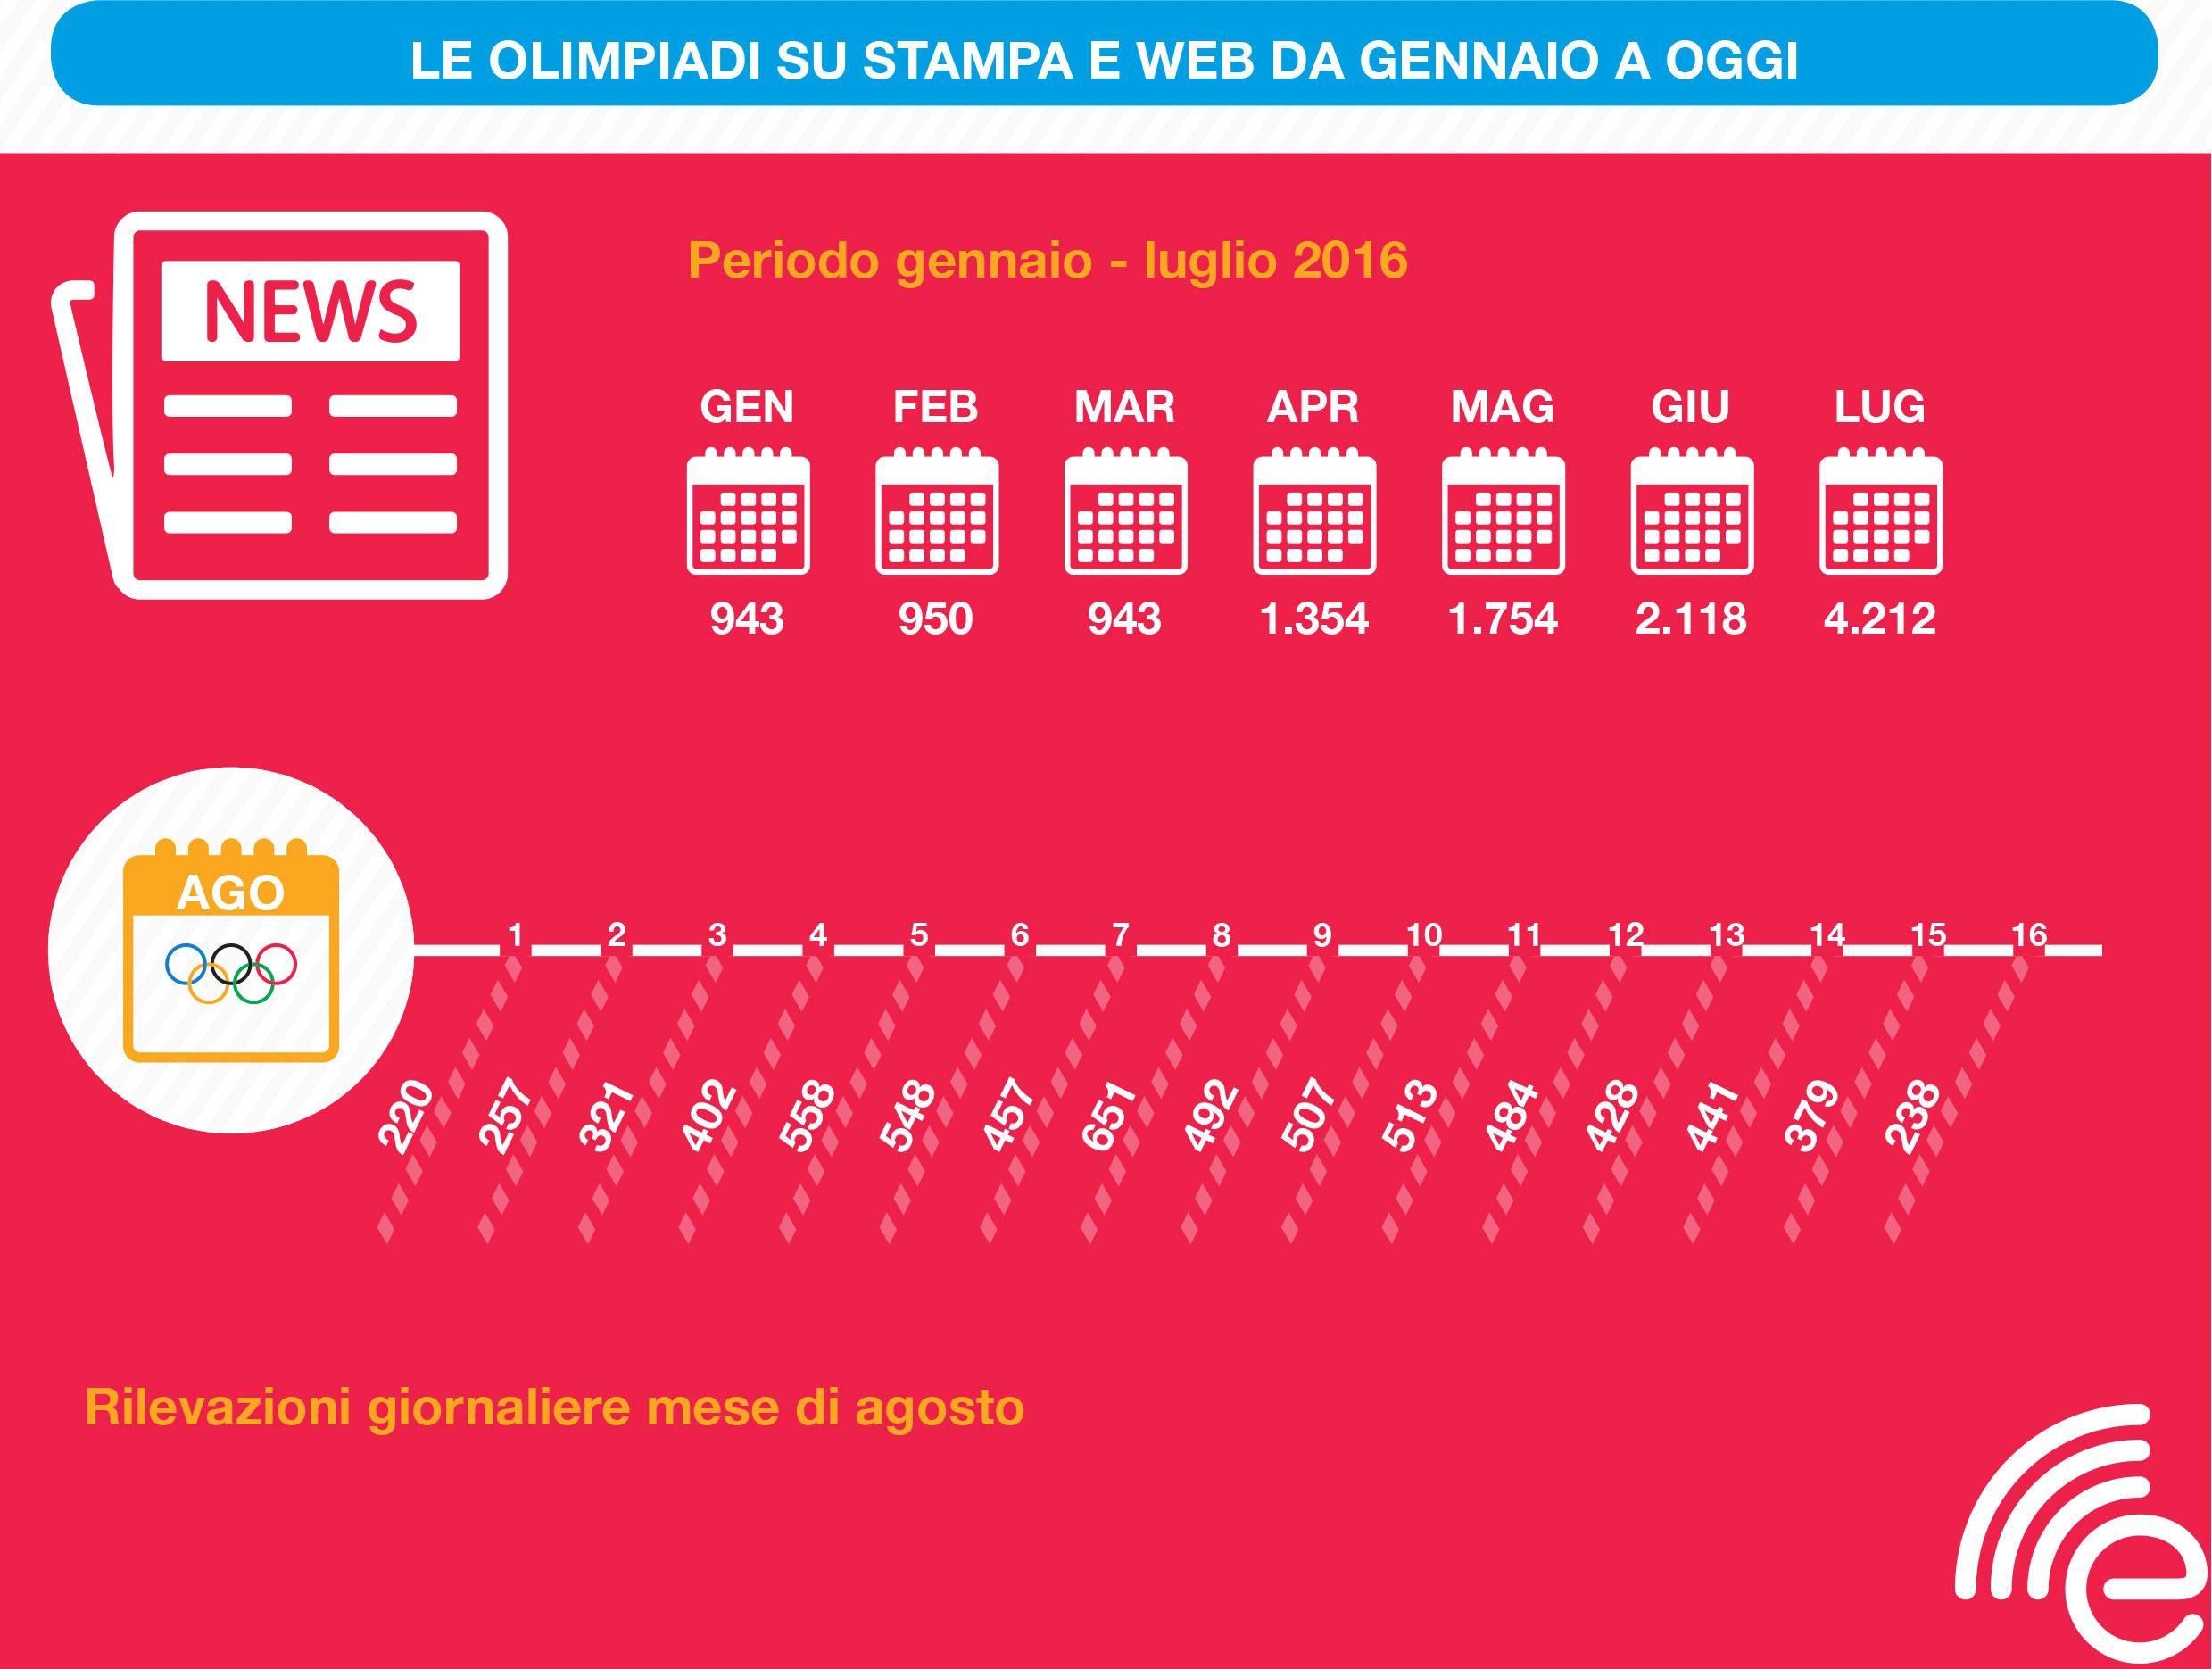 olimpiadi stampa web